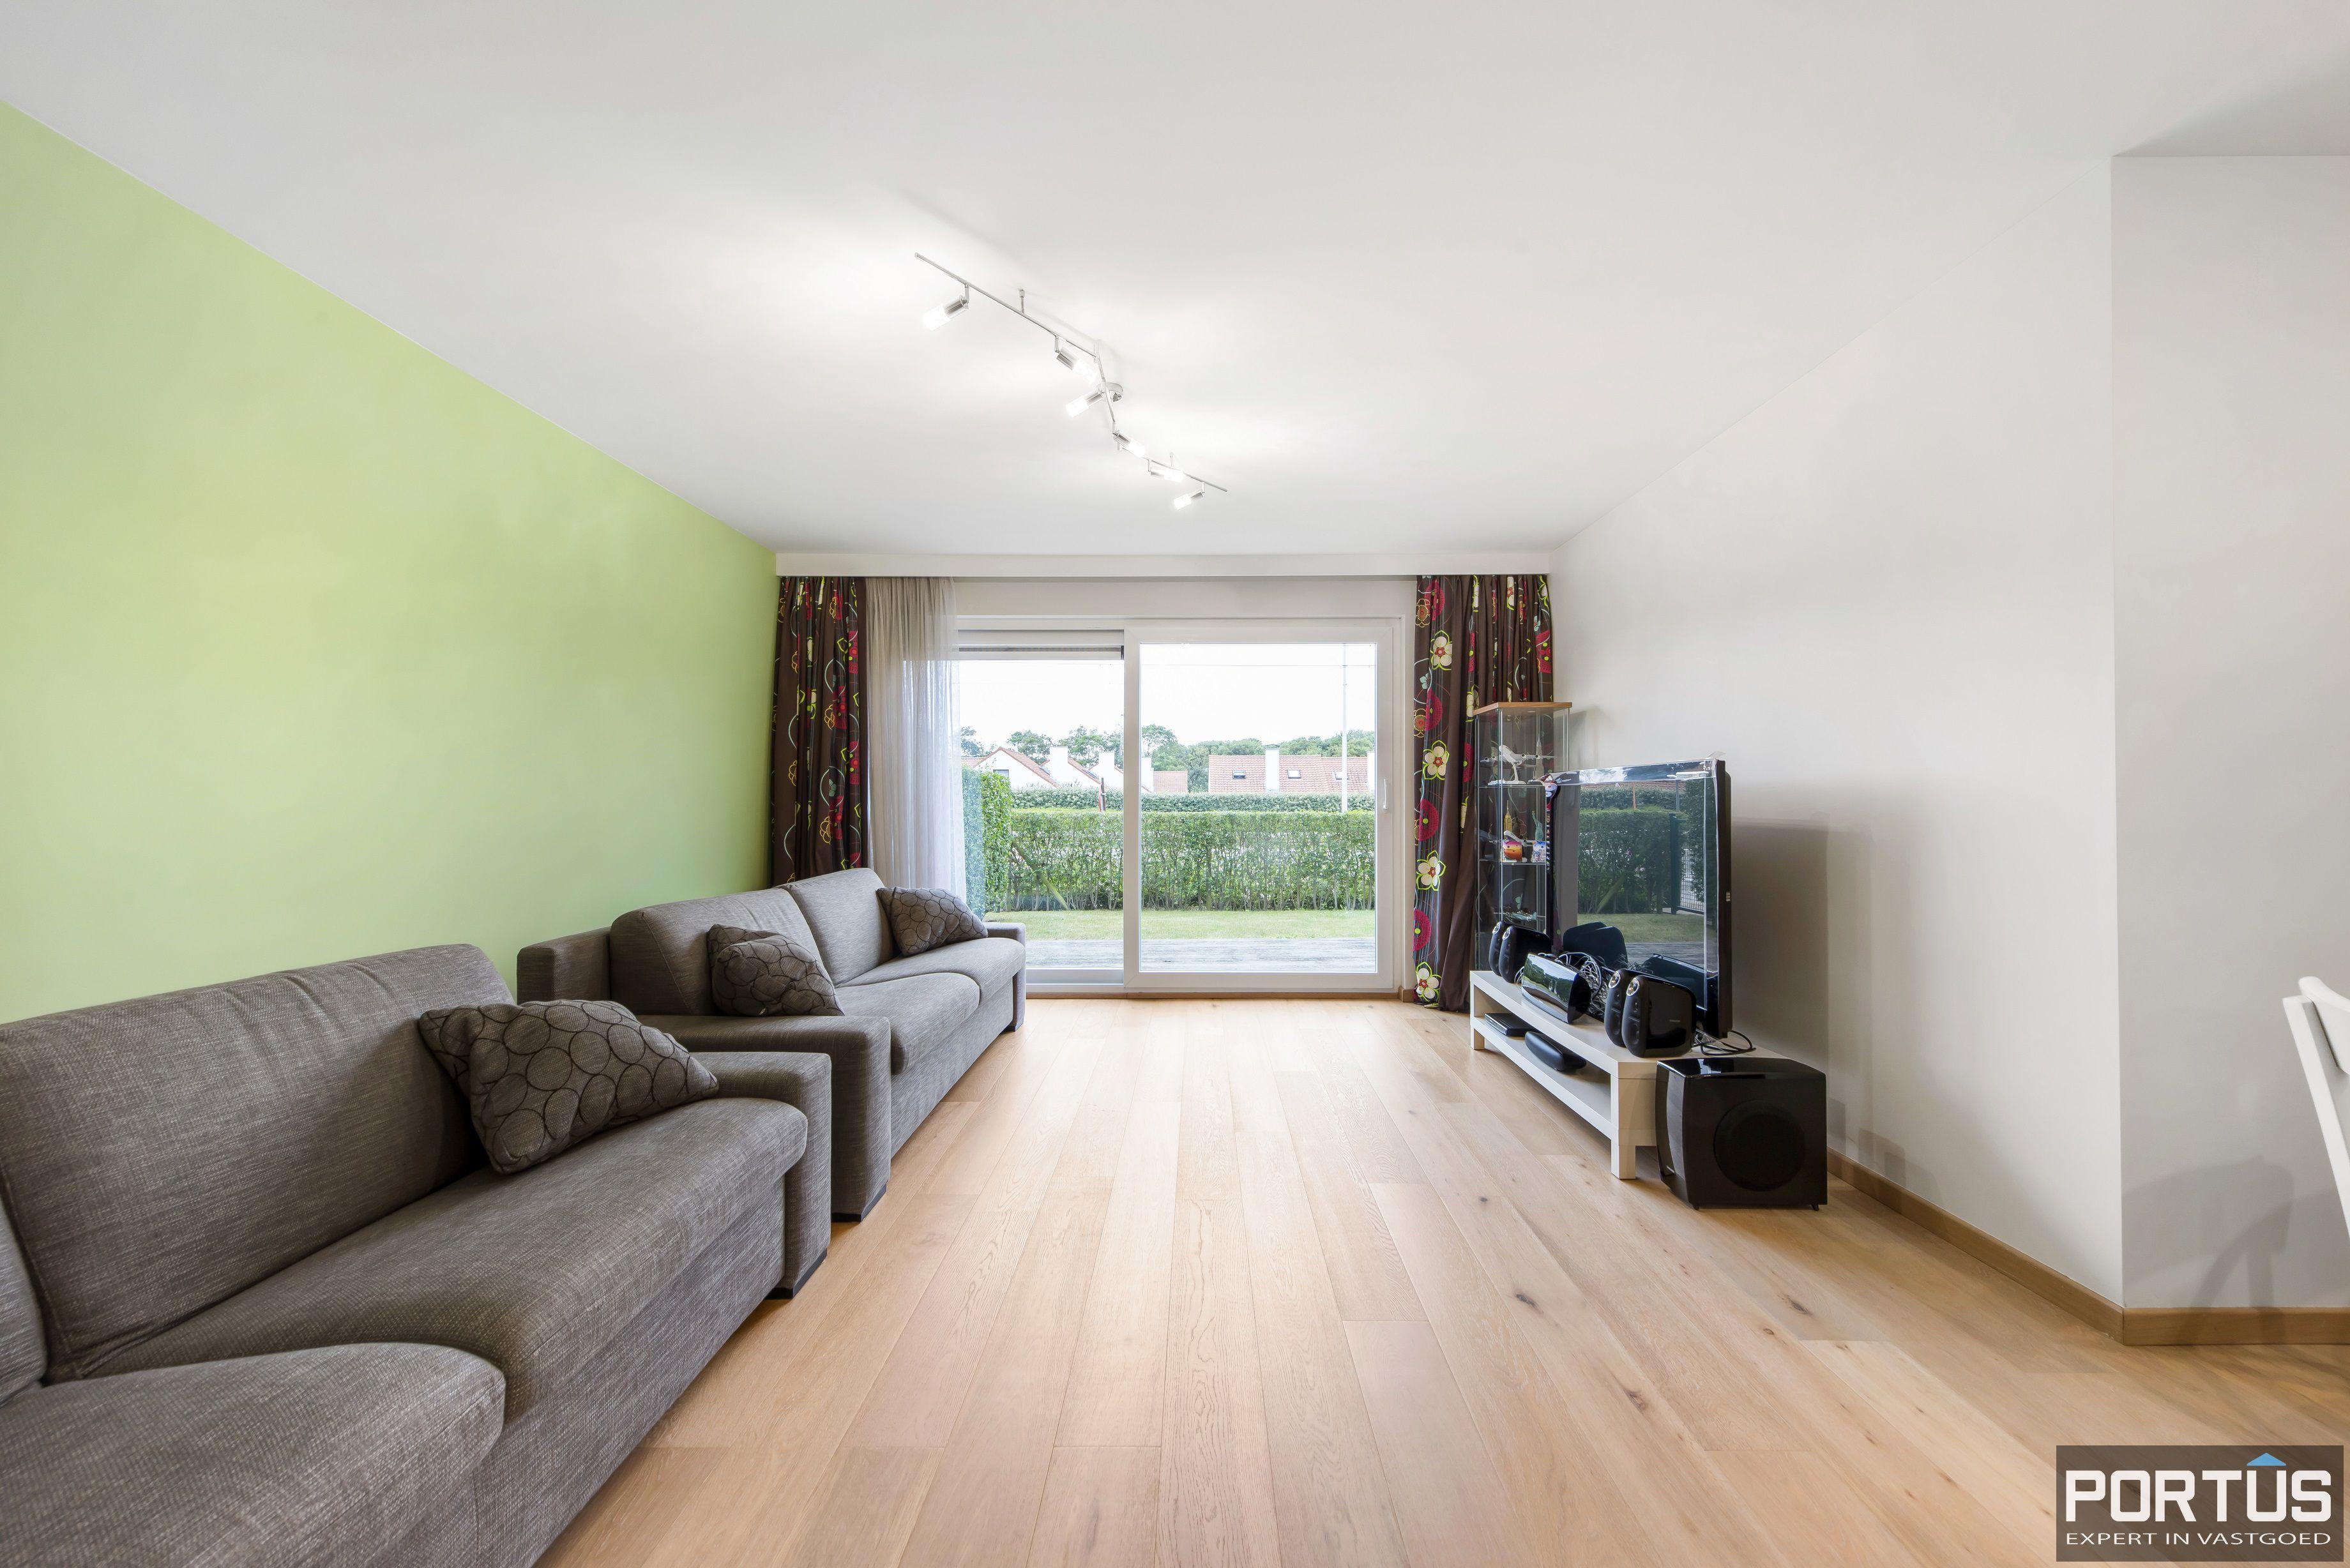 Gelijkvloers appartement te koop met 2 slaapkamers en privé tuin - 9851